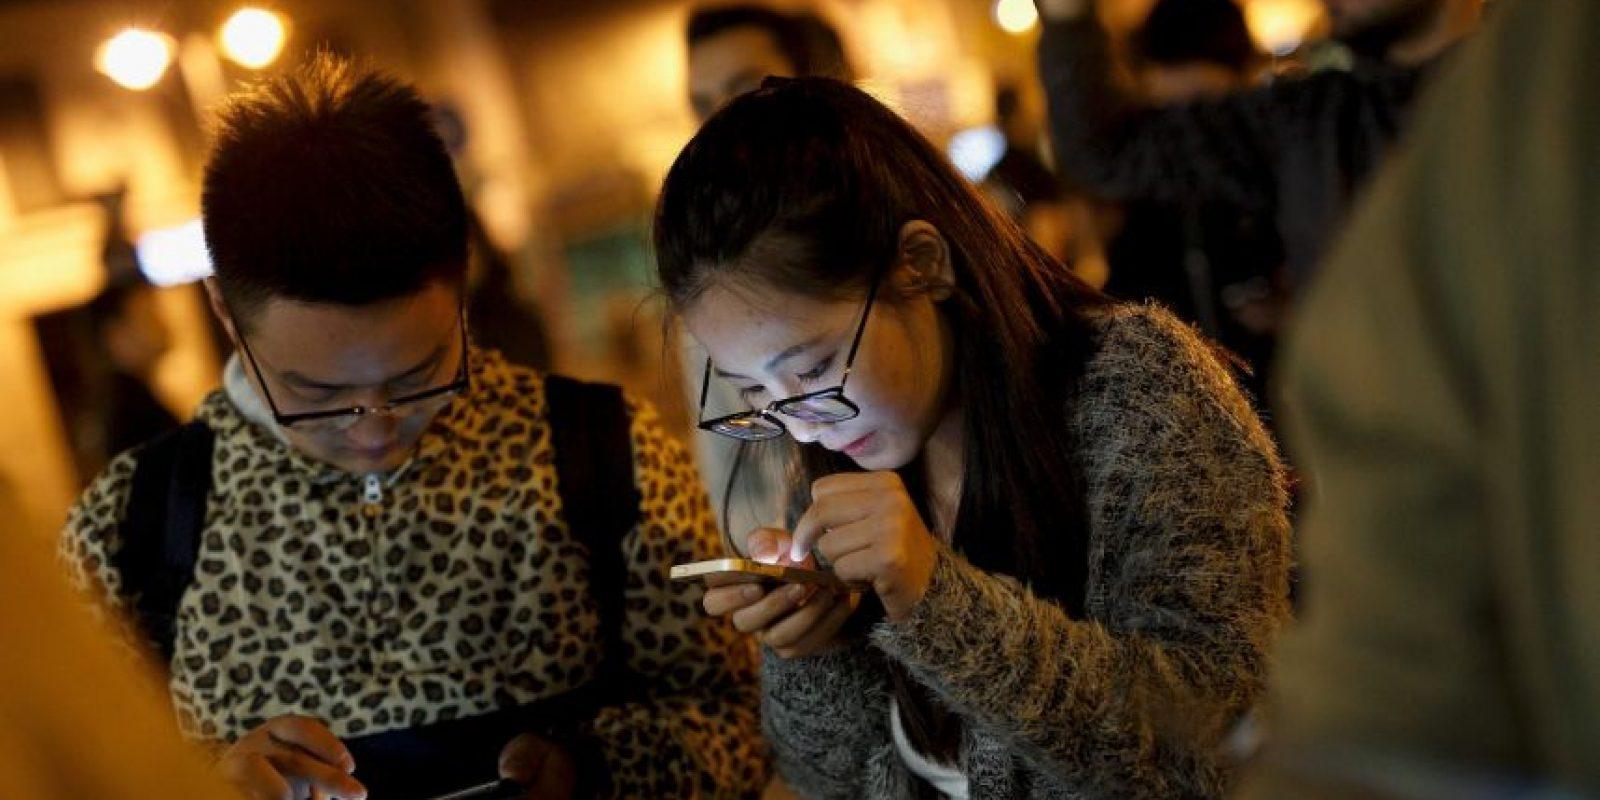 Se espera que la persona que utiliza la red social, sea coherente y se comporte de la misma manera en la que se comporta con la pareja en el dia a día, no como otra persona, que el anonimato de las redes le brinda. Foto:Getty Images